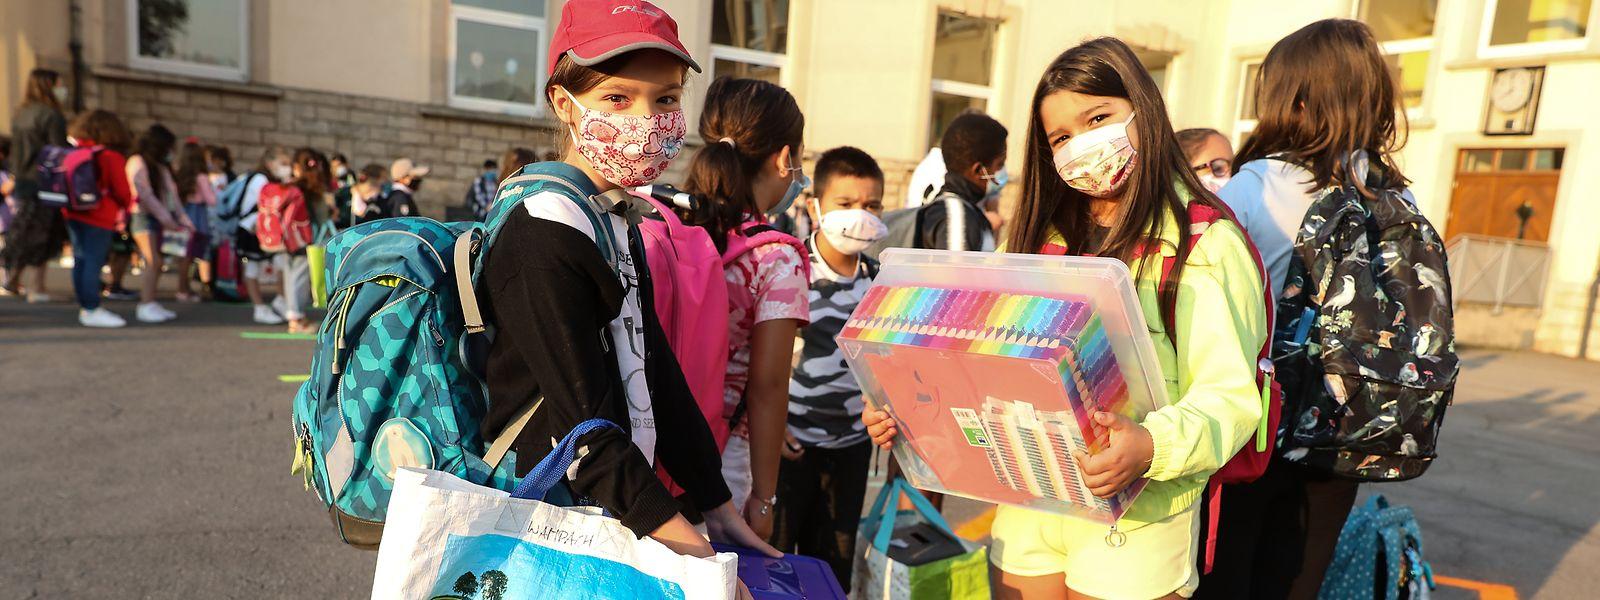 En pleine crise sanitaire du covid-19, la rentrée scolaire 2020/2021 restera à coup sûr dans les annales